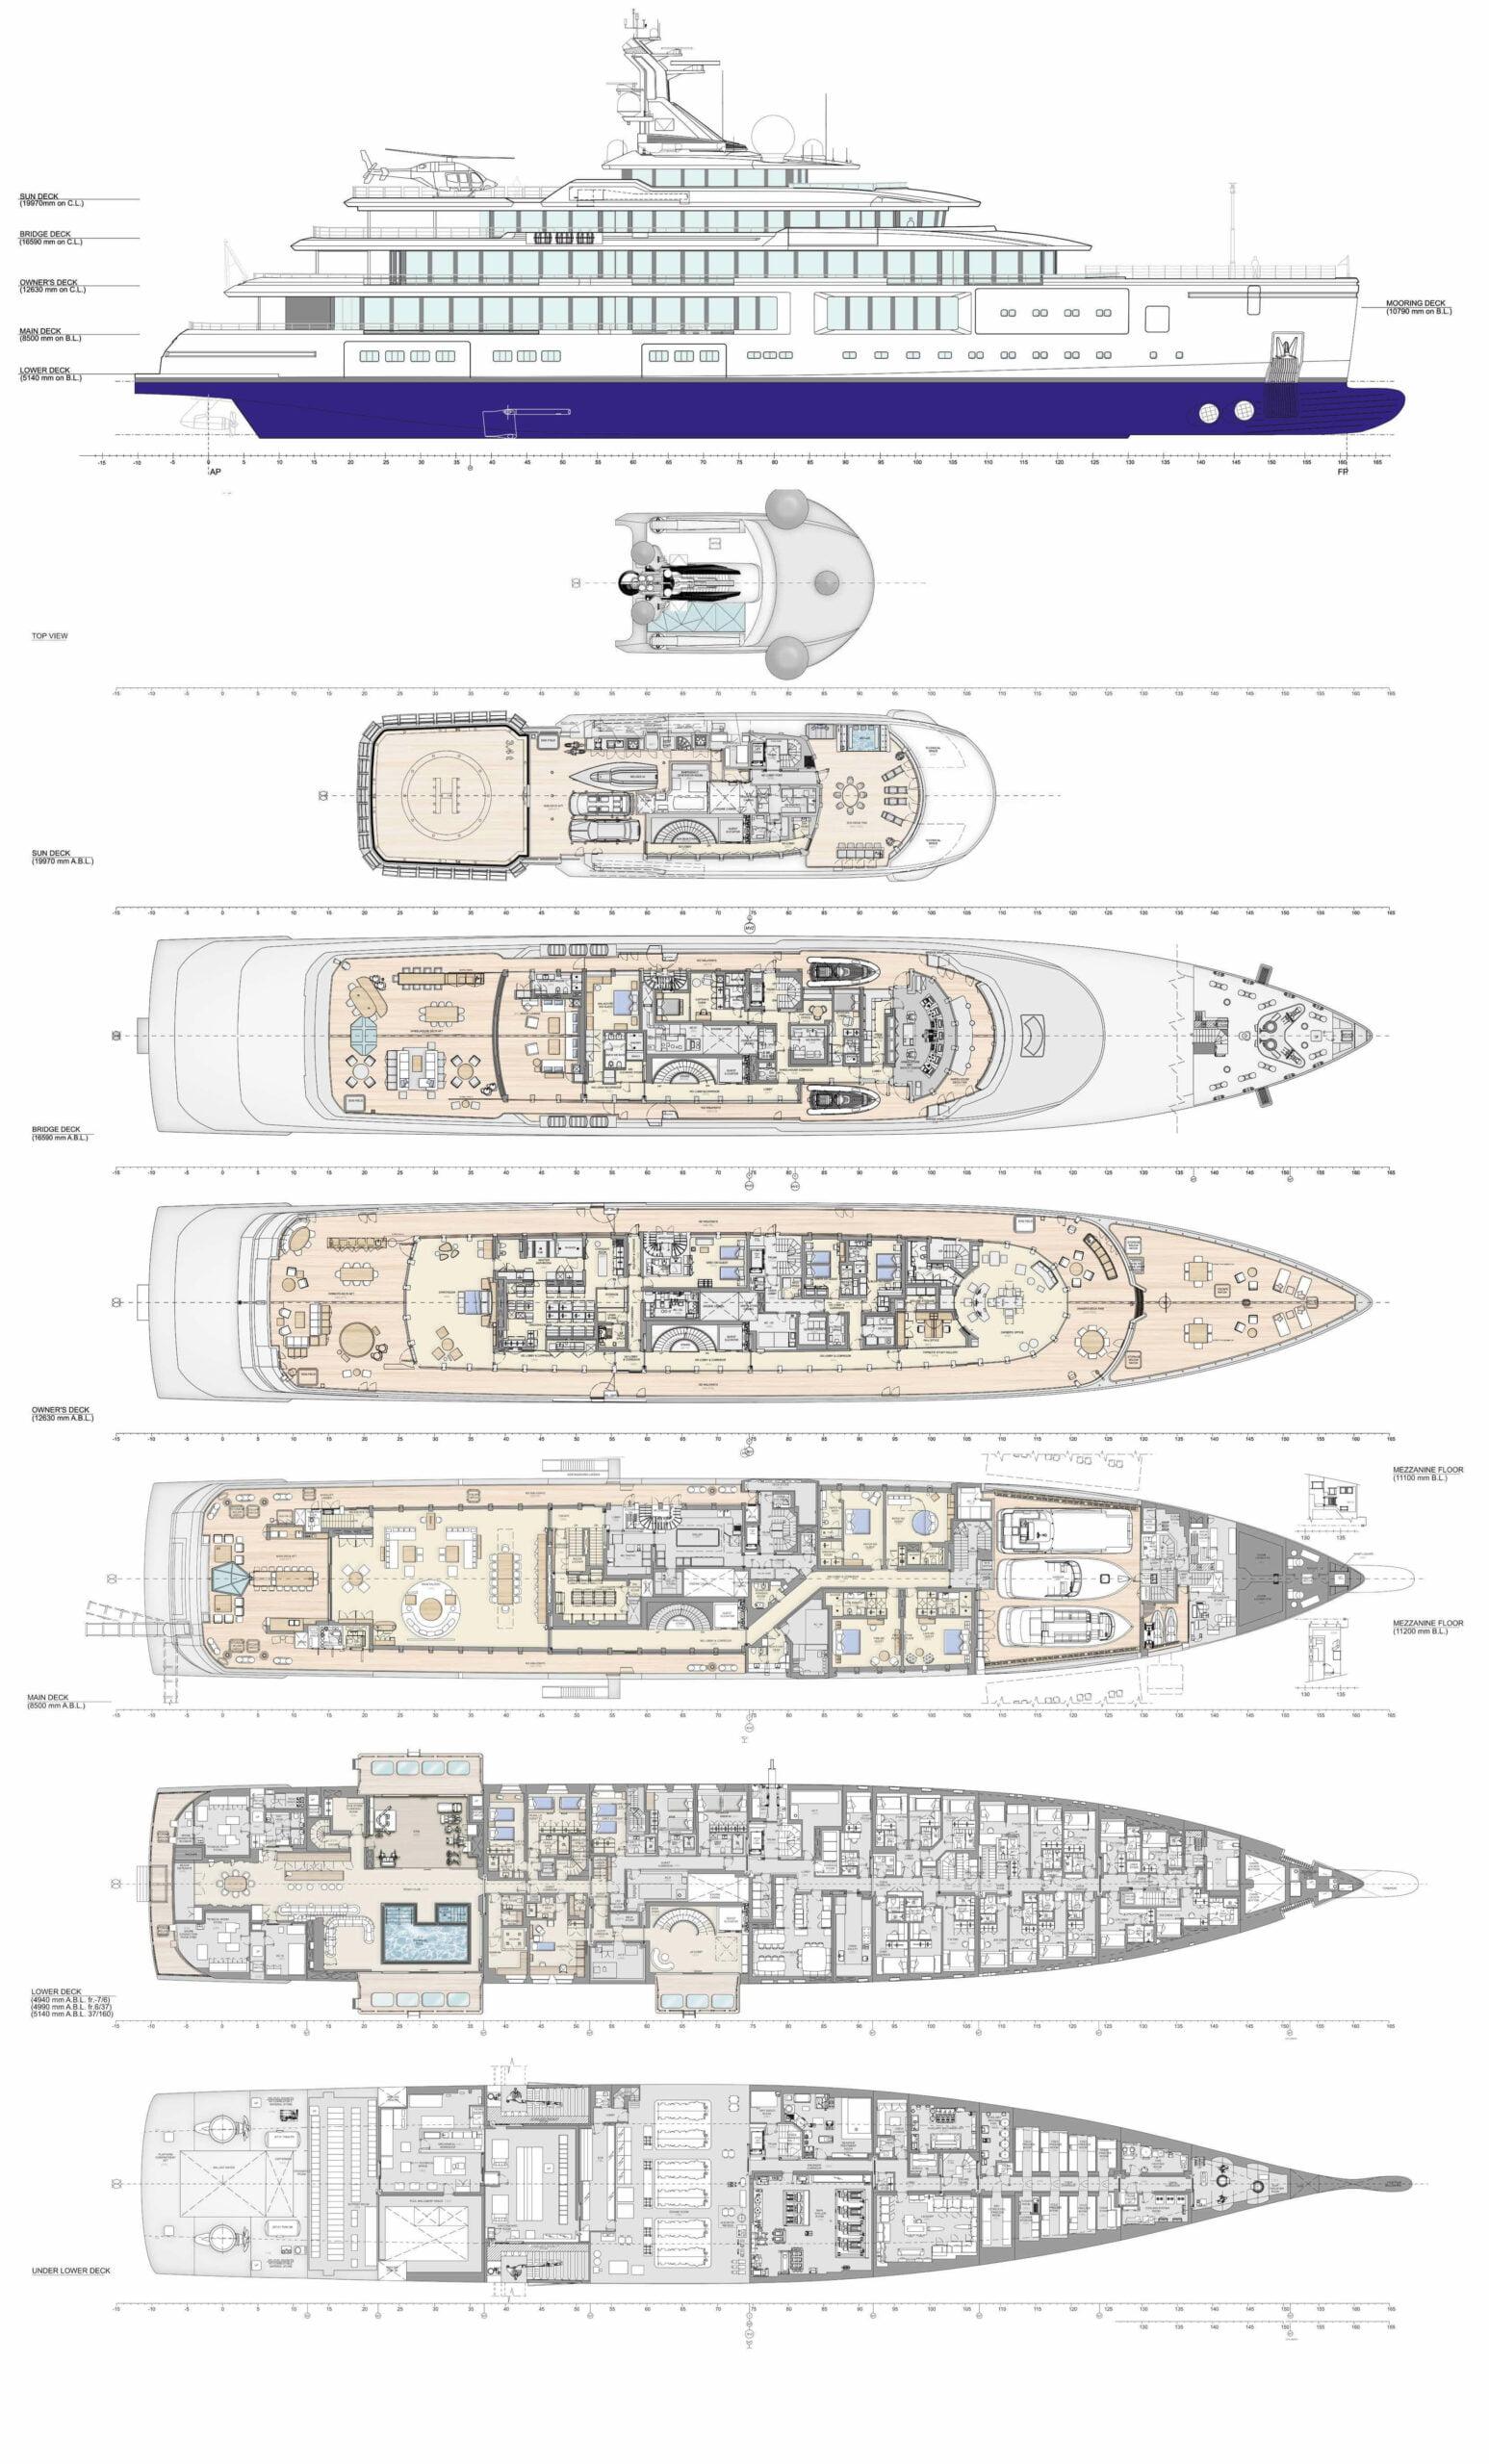 Luminosity Benetti 2020 Complete Deck Plan